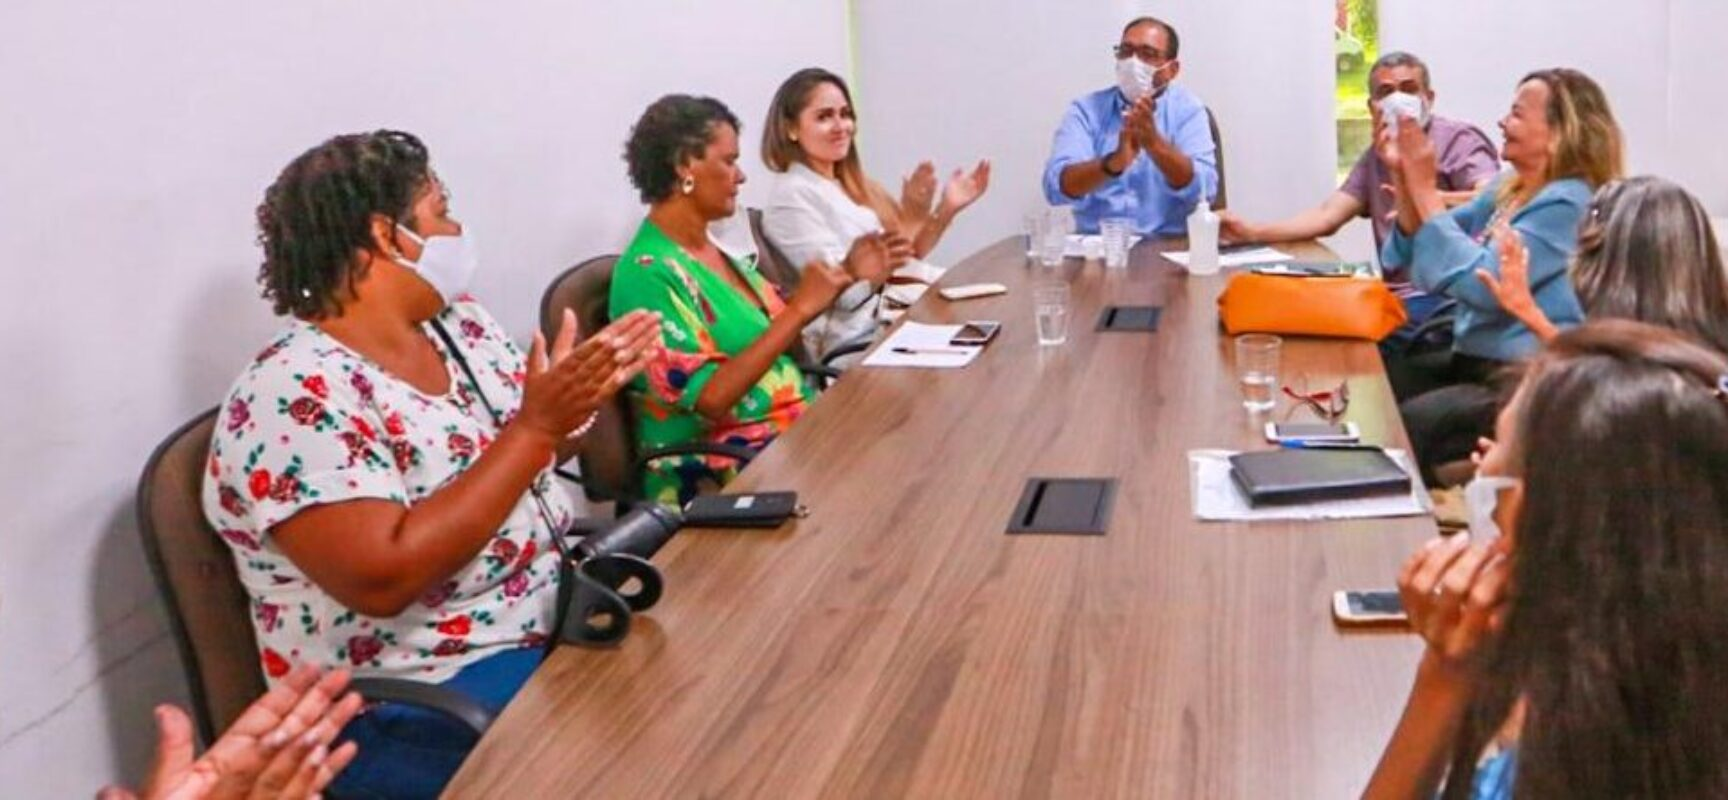 Prefeito de Ilhéus se reúne com membros das associações de pacientes crônicos do município